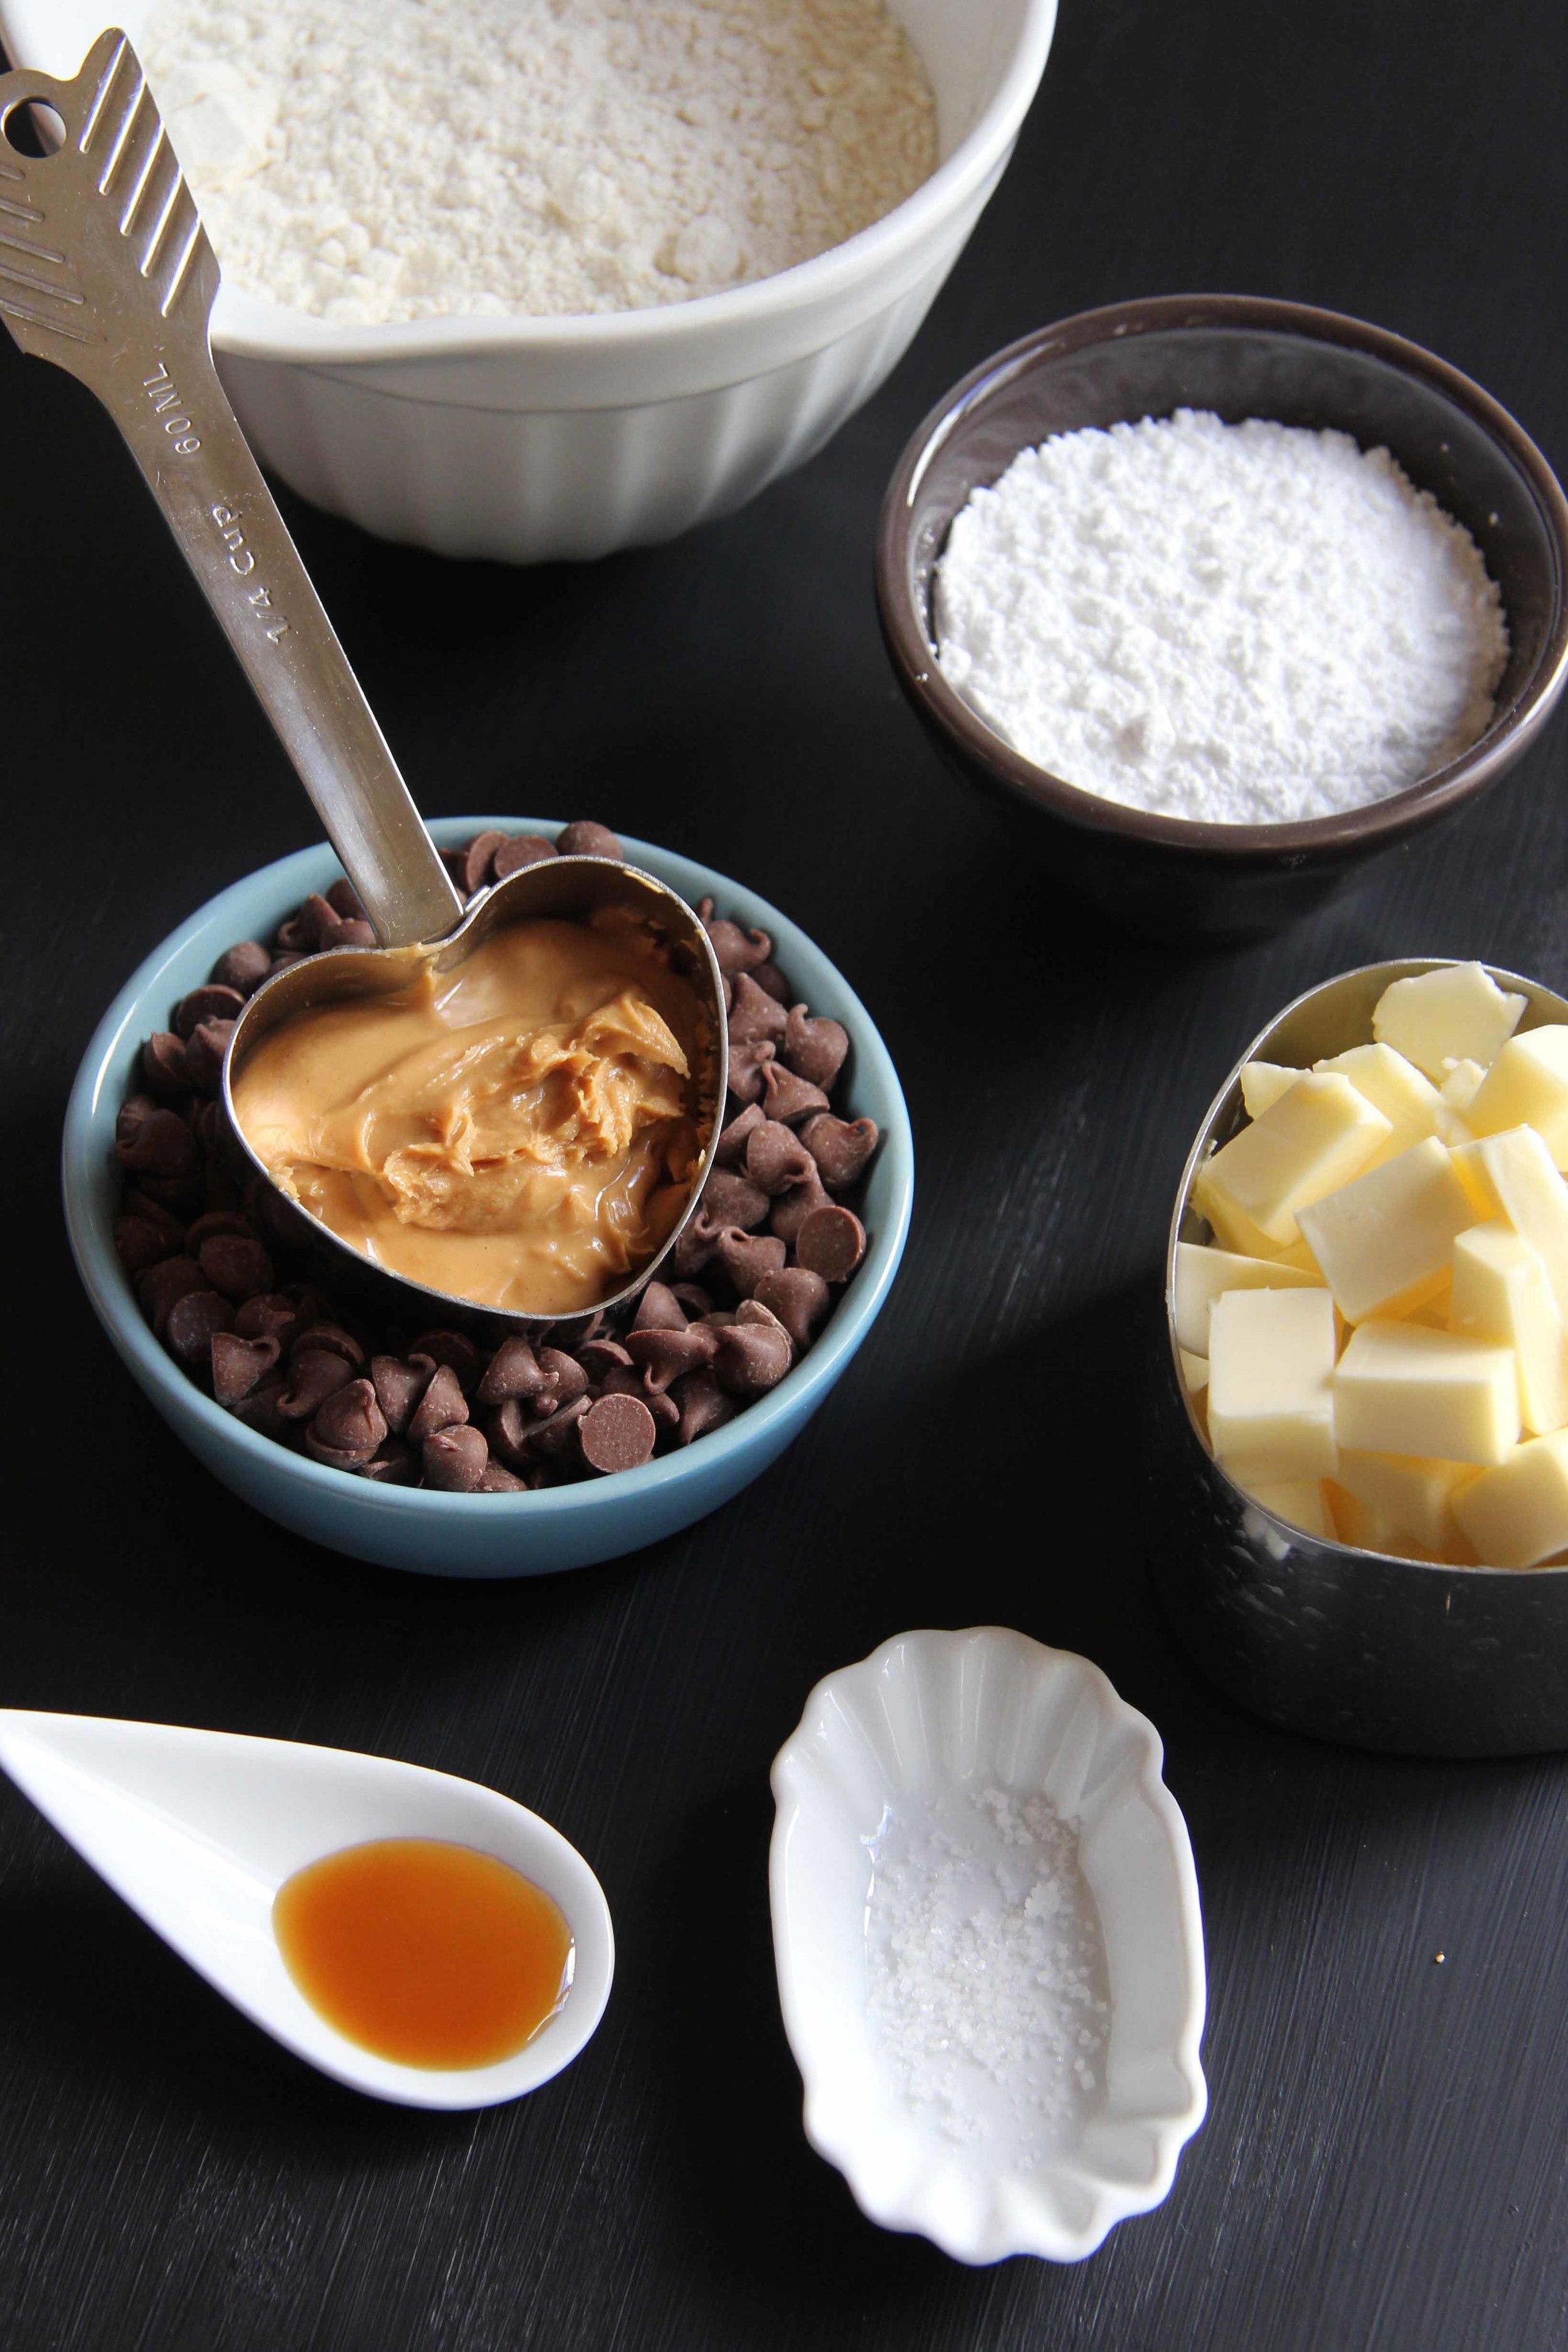 Shortbread Peanut Butter et pepites de chocolat - The Flying Flour - www.theflyingflour.com